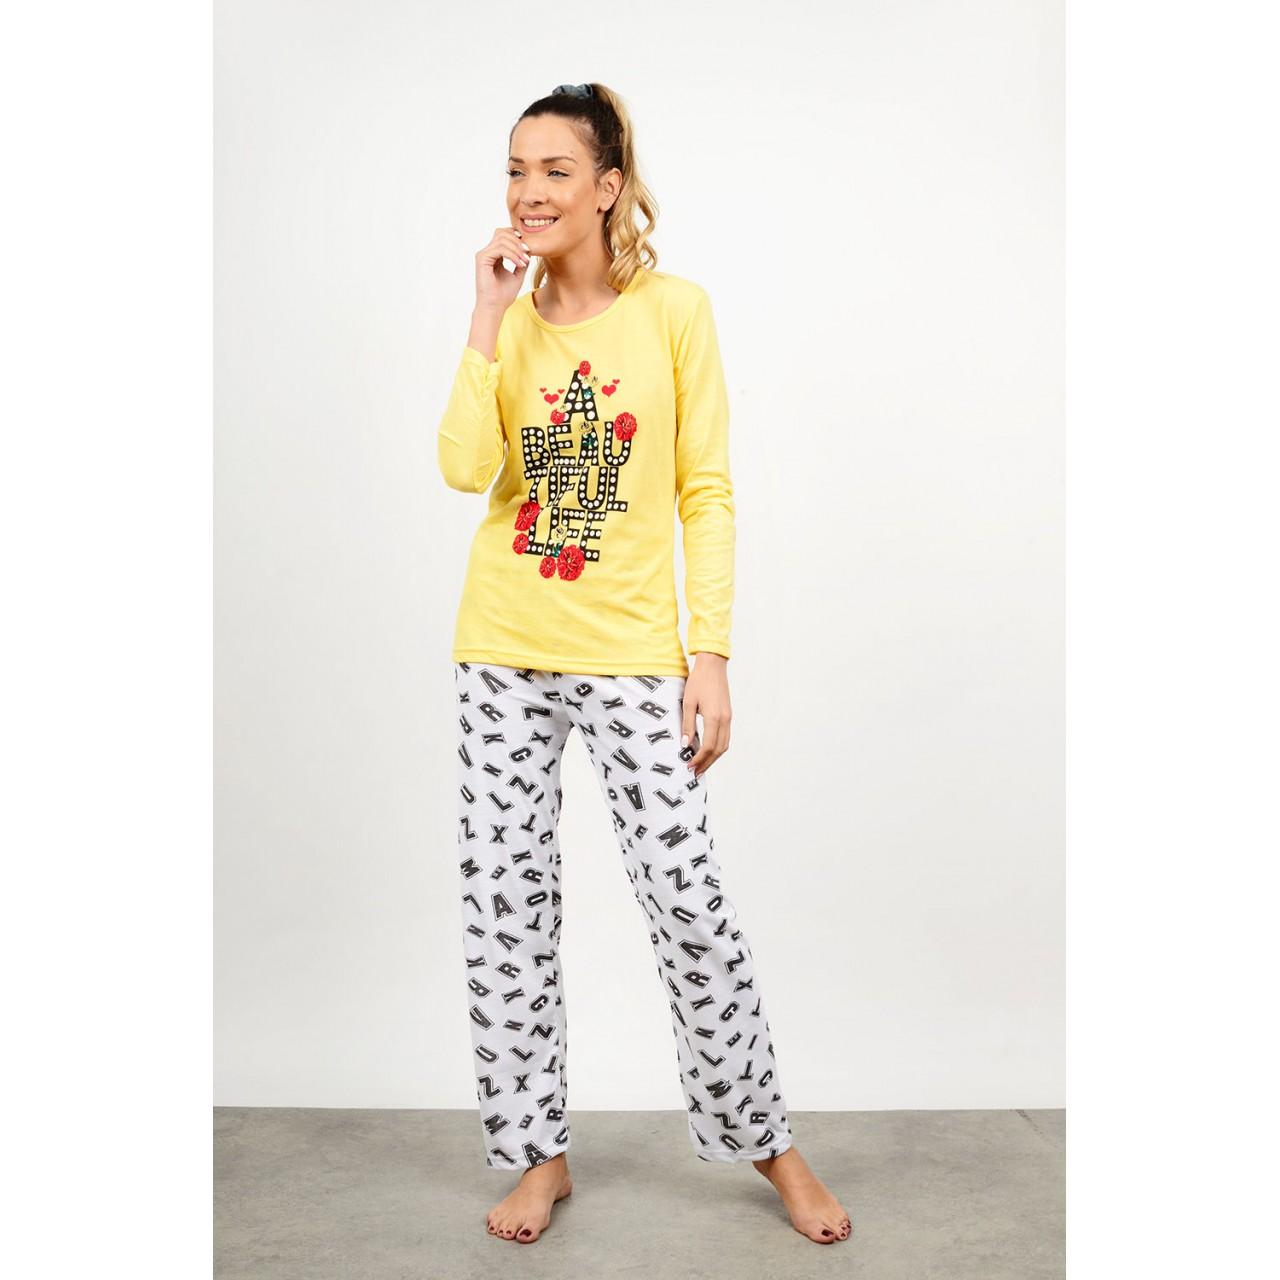 Set pyjamas with pattern